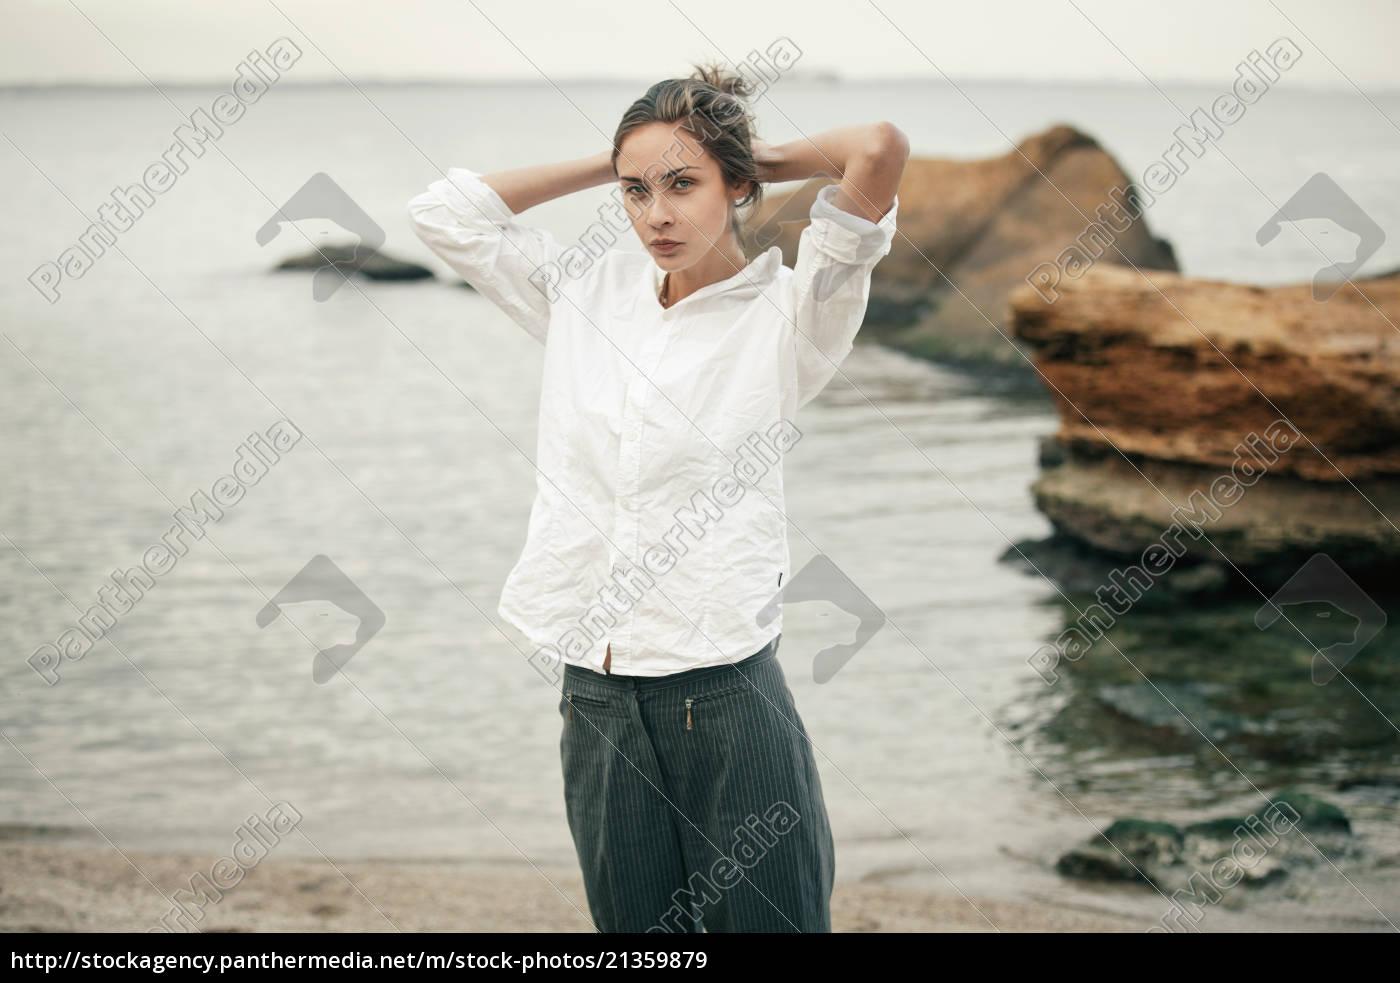 donna, in, abiti, bianchi, fissa, i - 21359879